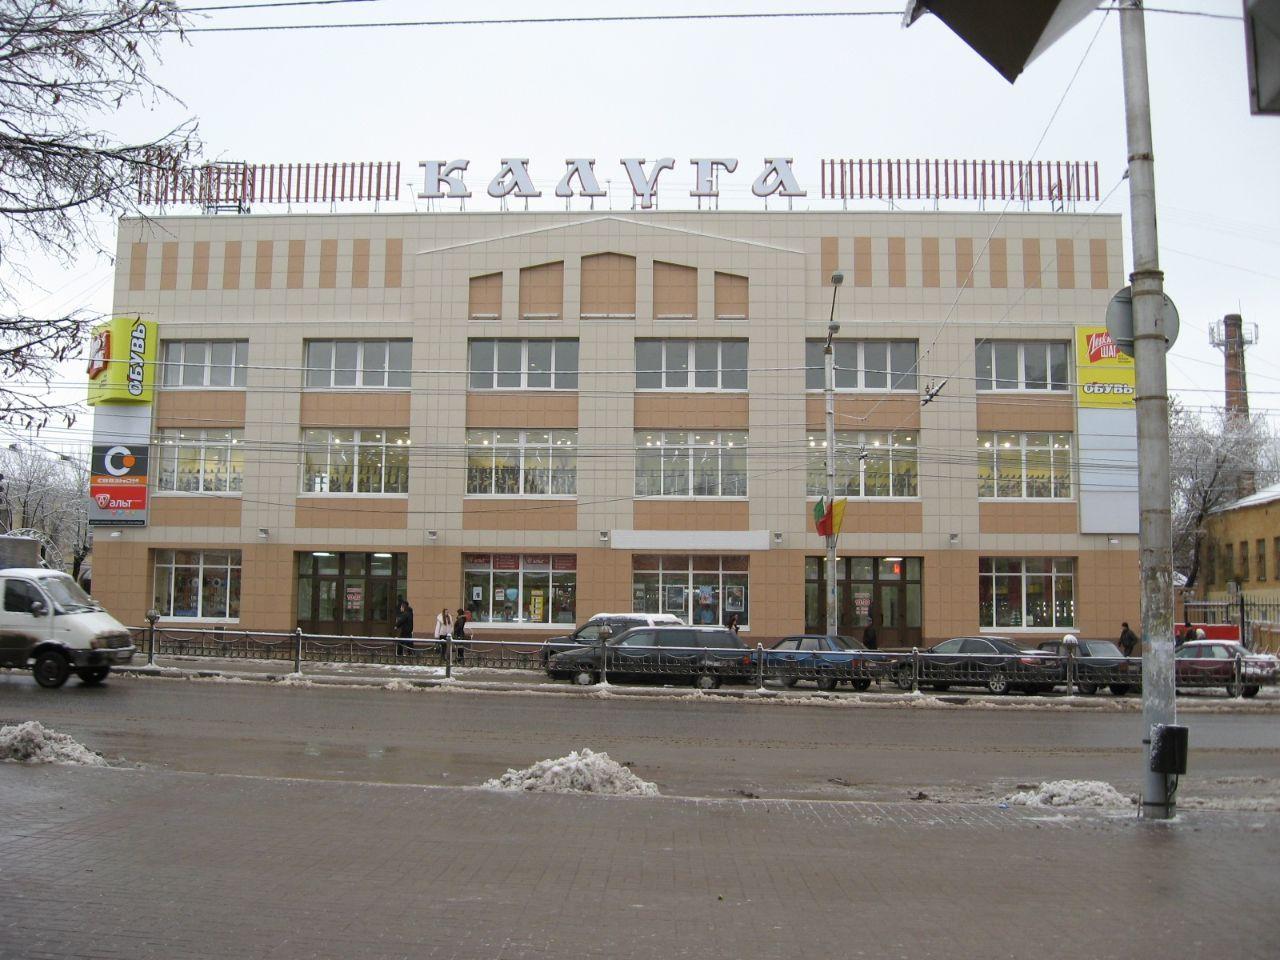 Коммерческая недвижимость аренда калужская область фирма арендодатель сдачей аренда офиса проводки при упрощенке